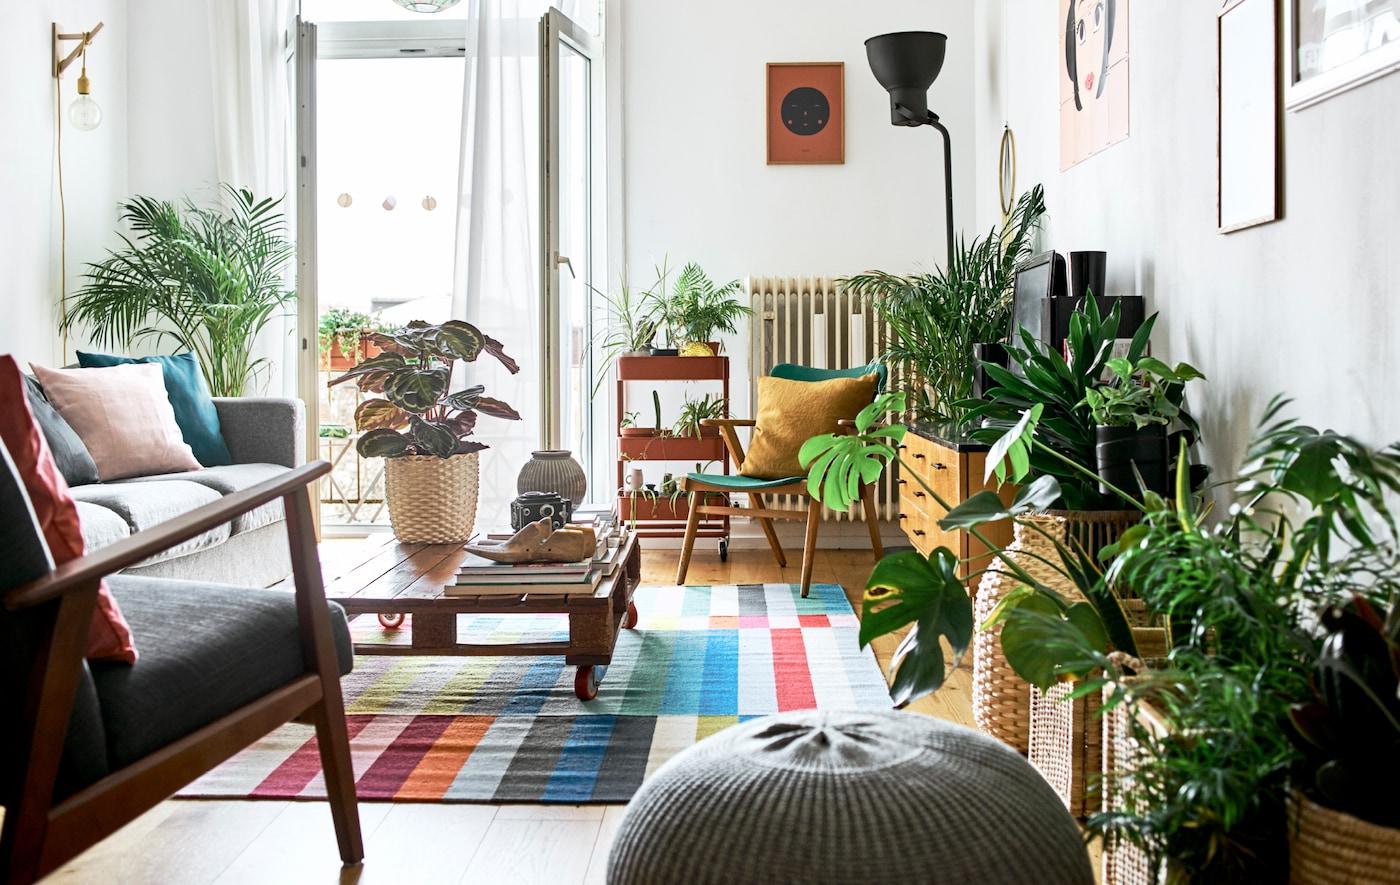 Un soggiorno con portafinestra aperta, un mix di morbide sedute, un tavolino ricavato da un pallet, un tappeto colorato e piante da interni - IKEA